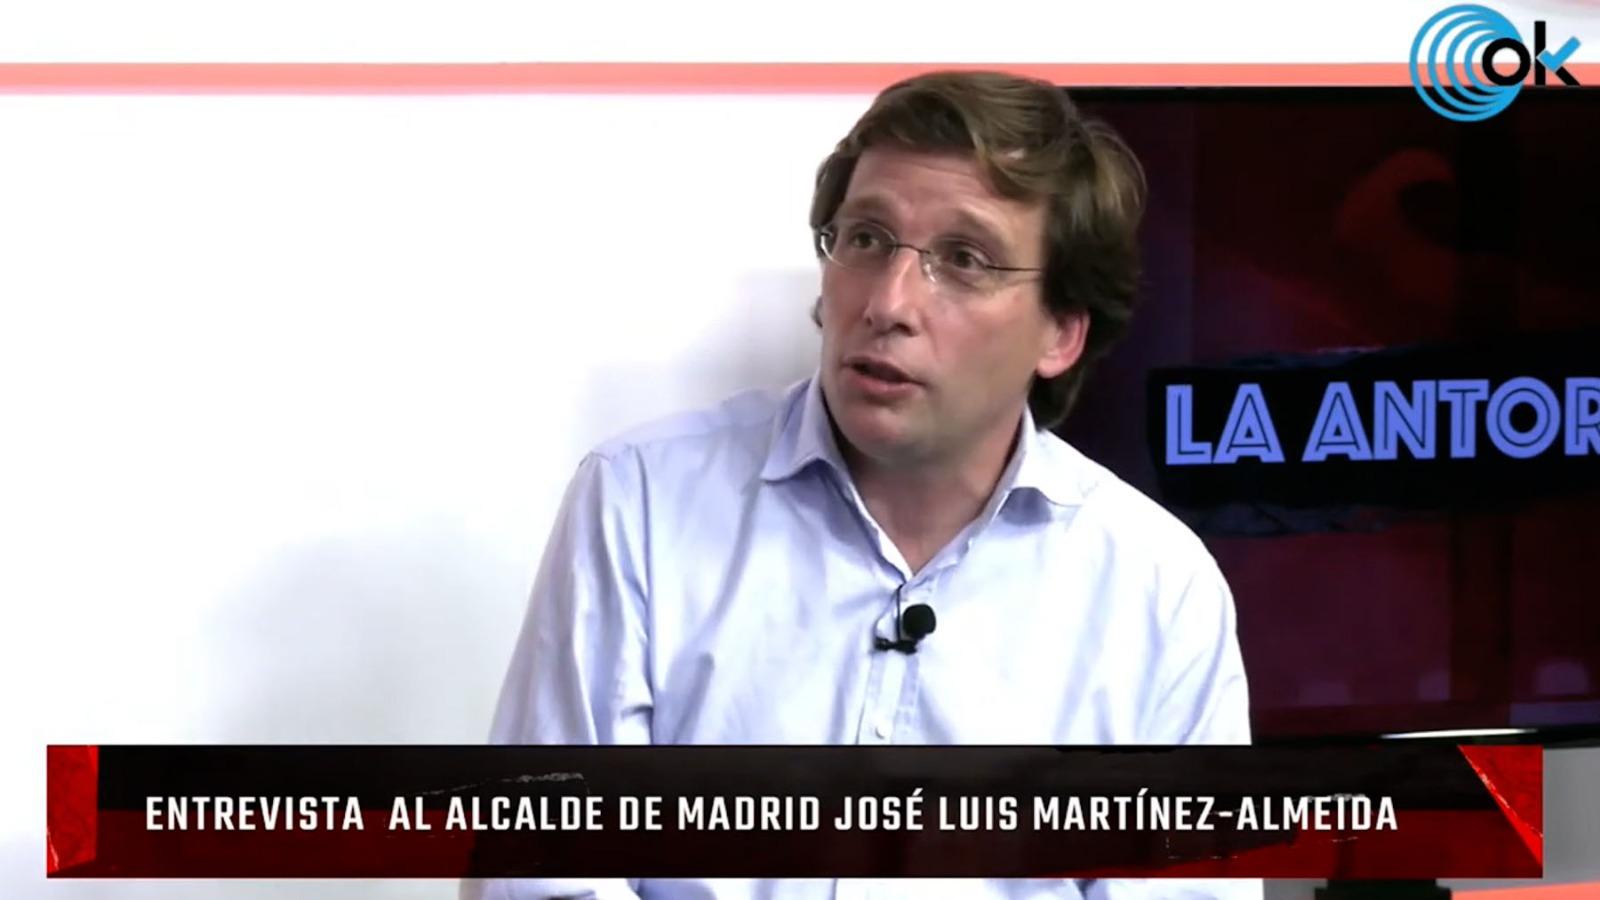 El alcalde de Madrid es gran seguidor del mundo de los deportes.